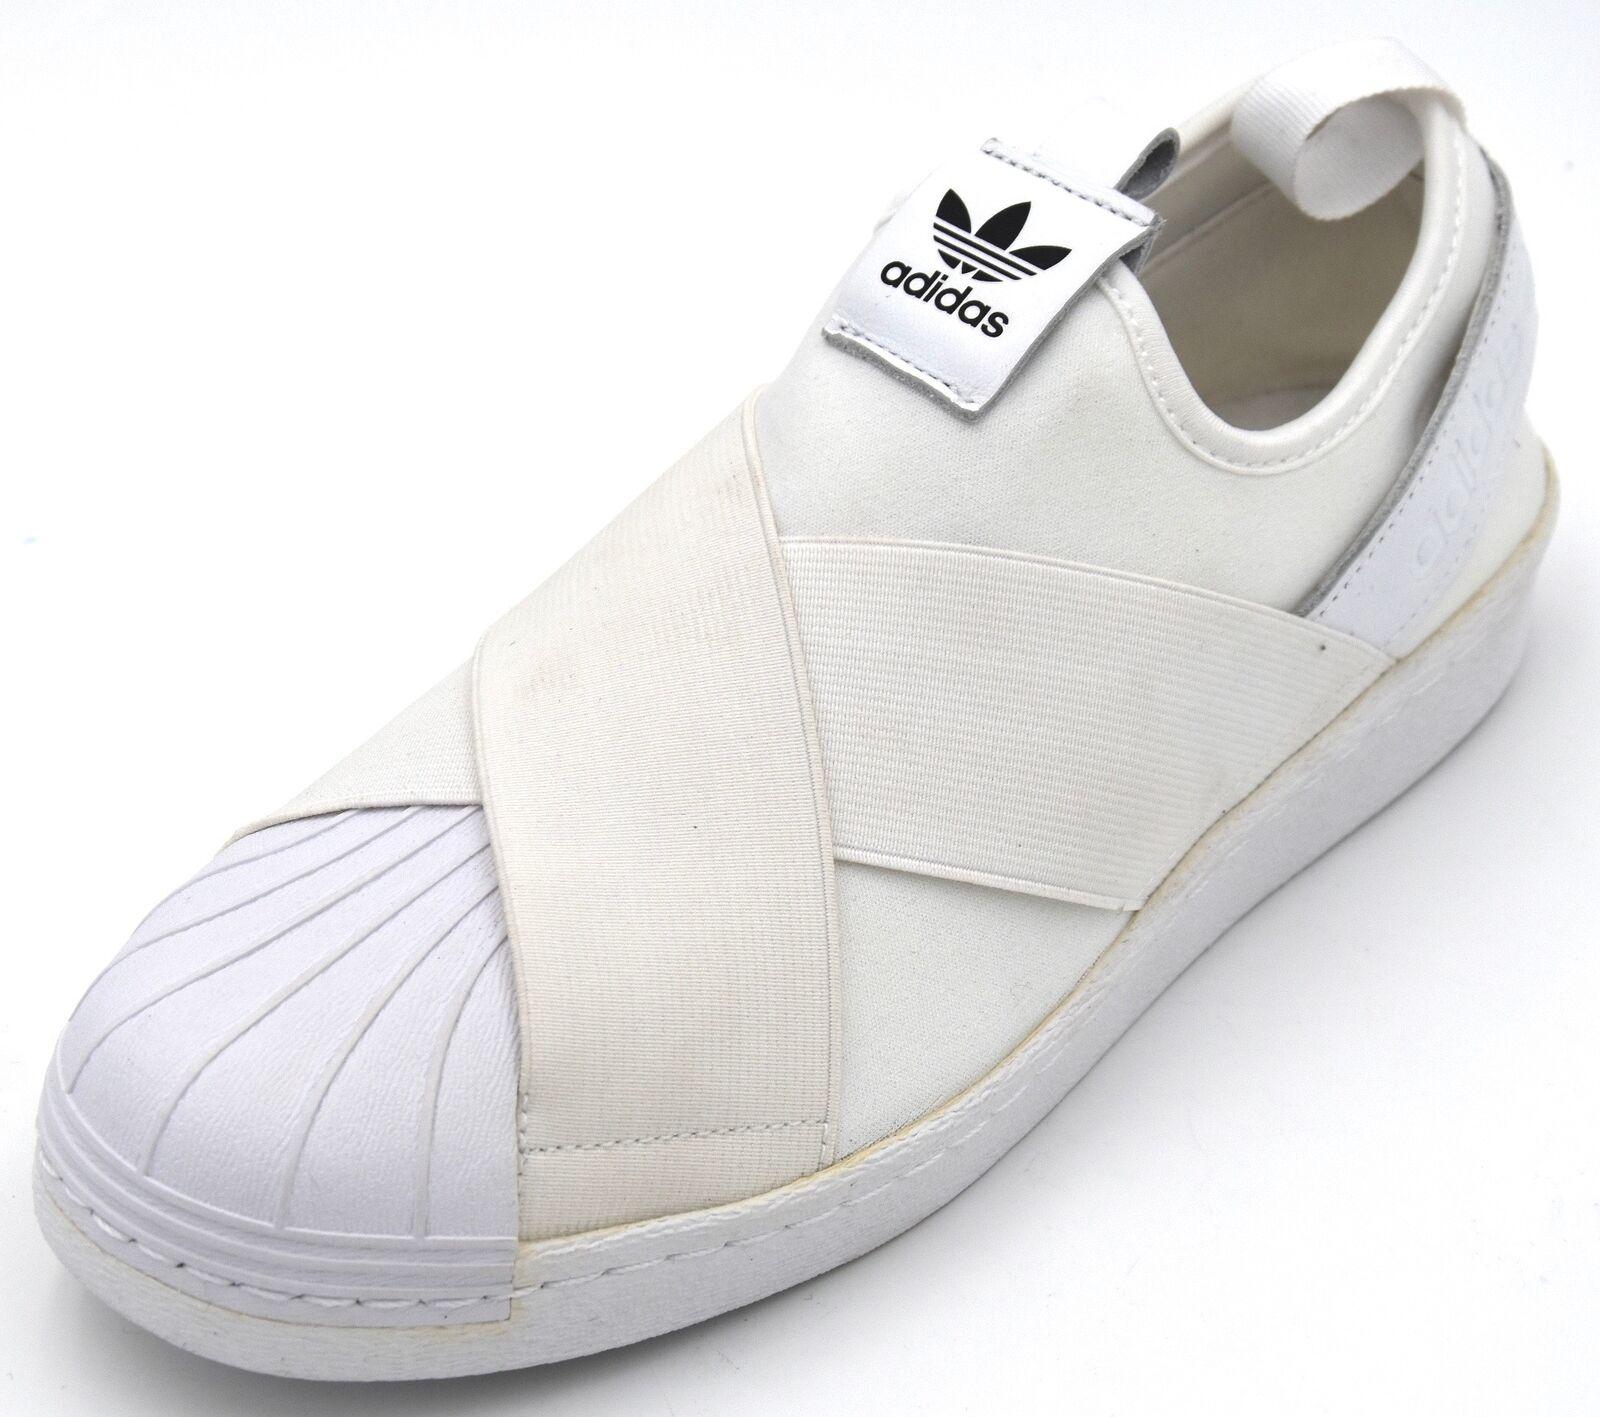 Adidas Adidas Adidas kvinnor skor Casual skor Trainers s8338 Superstar SLIP ON W ERROR  omtänksam service